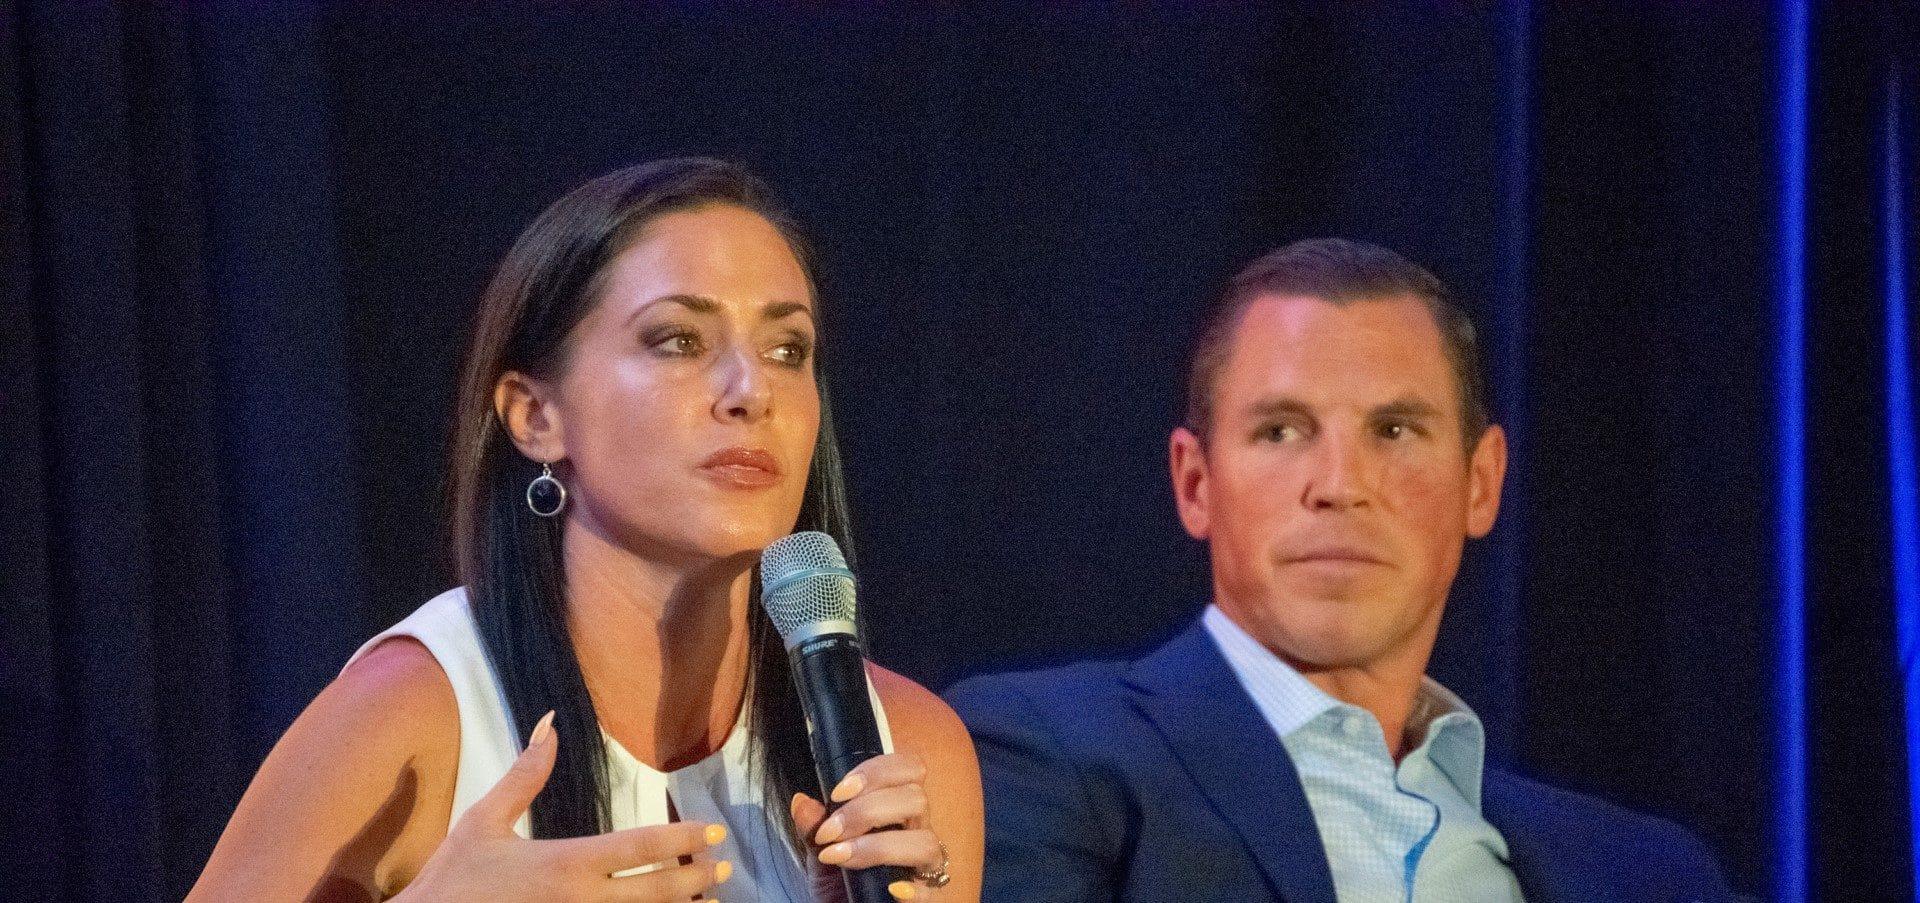 Caliber co-founder Jennifer Schrader speaks at Caliber's the AZRE Forum